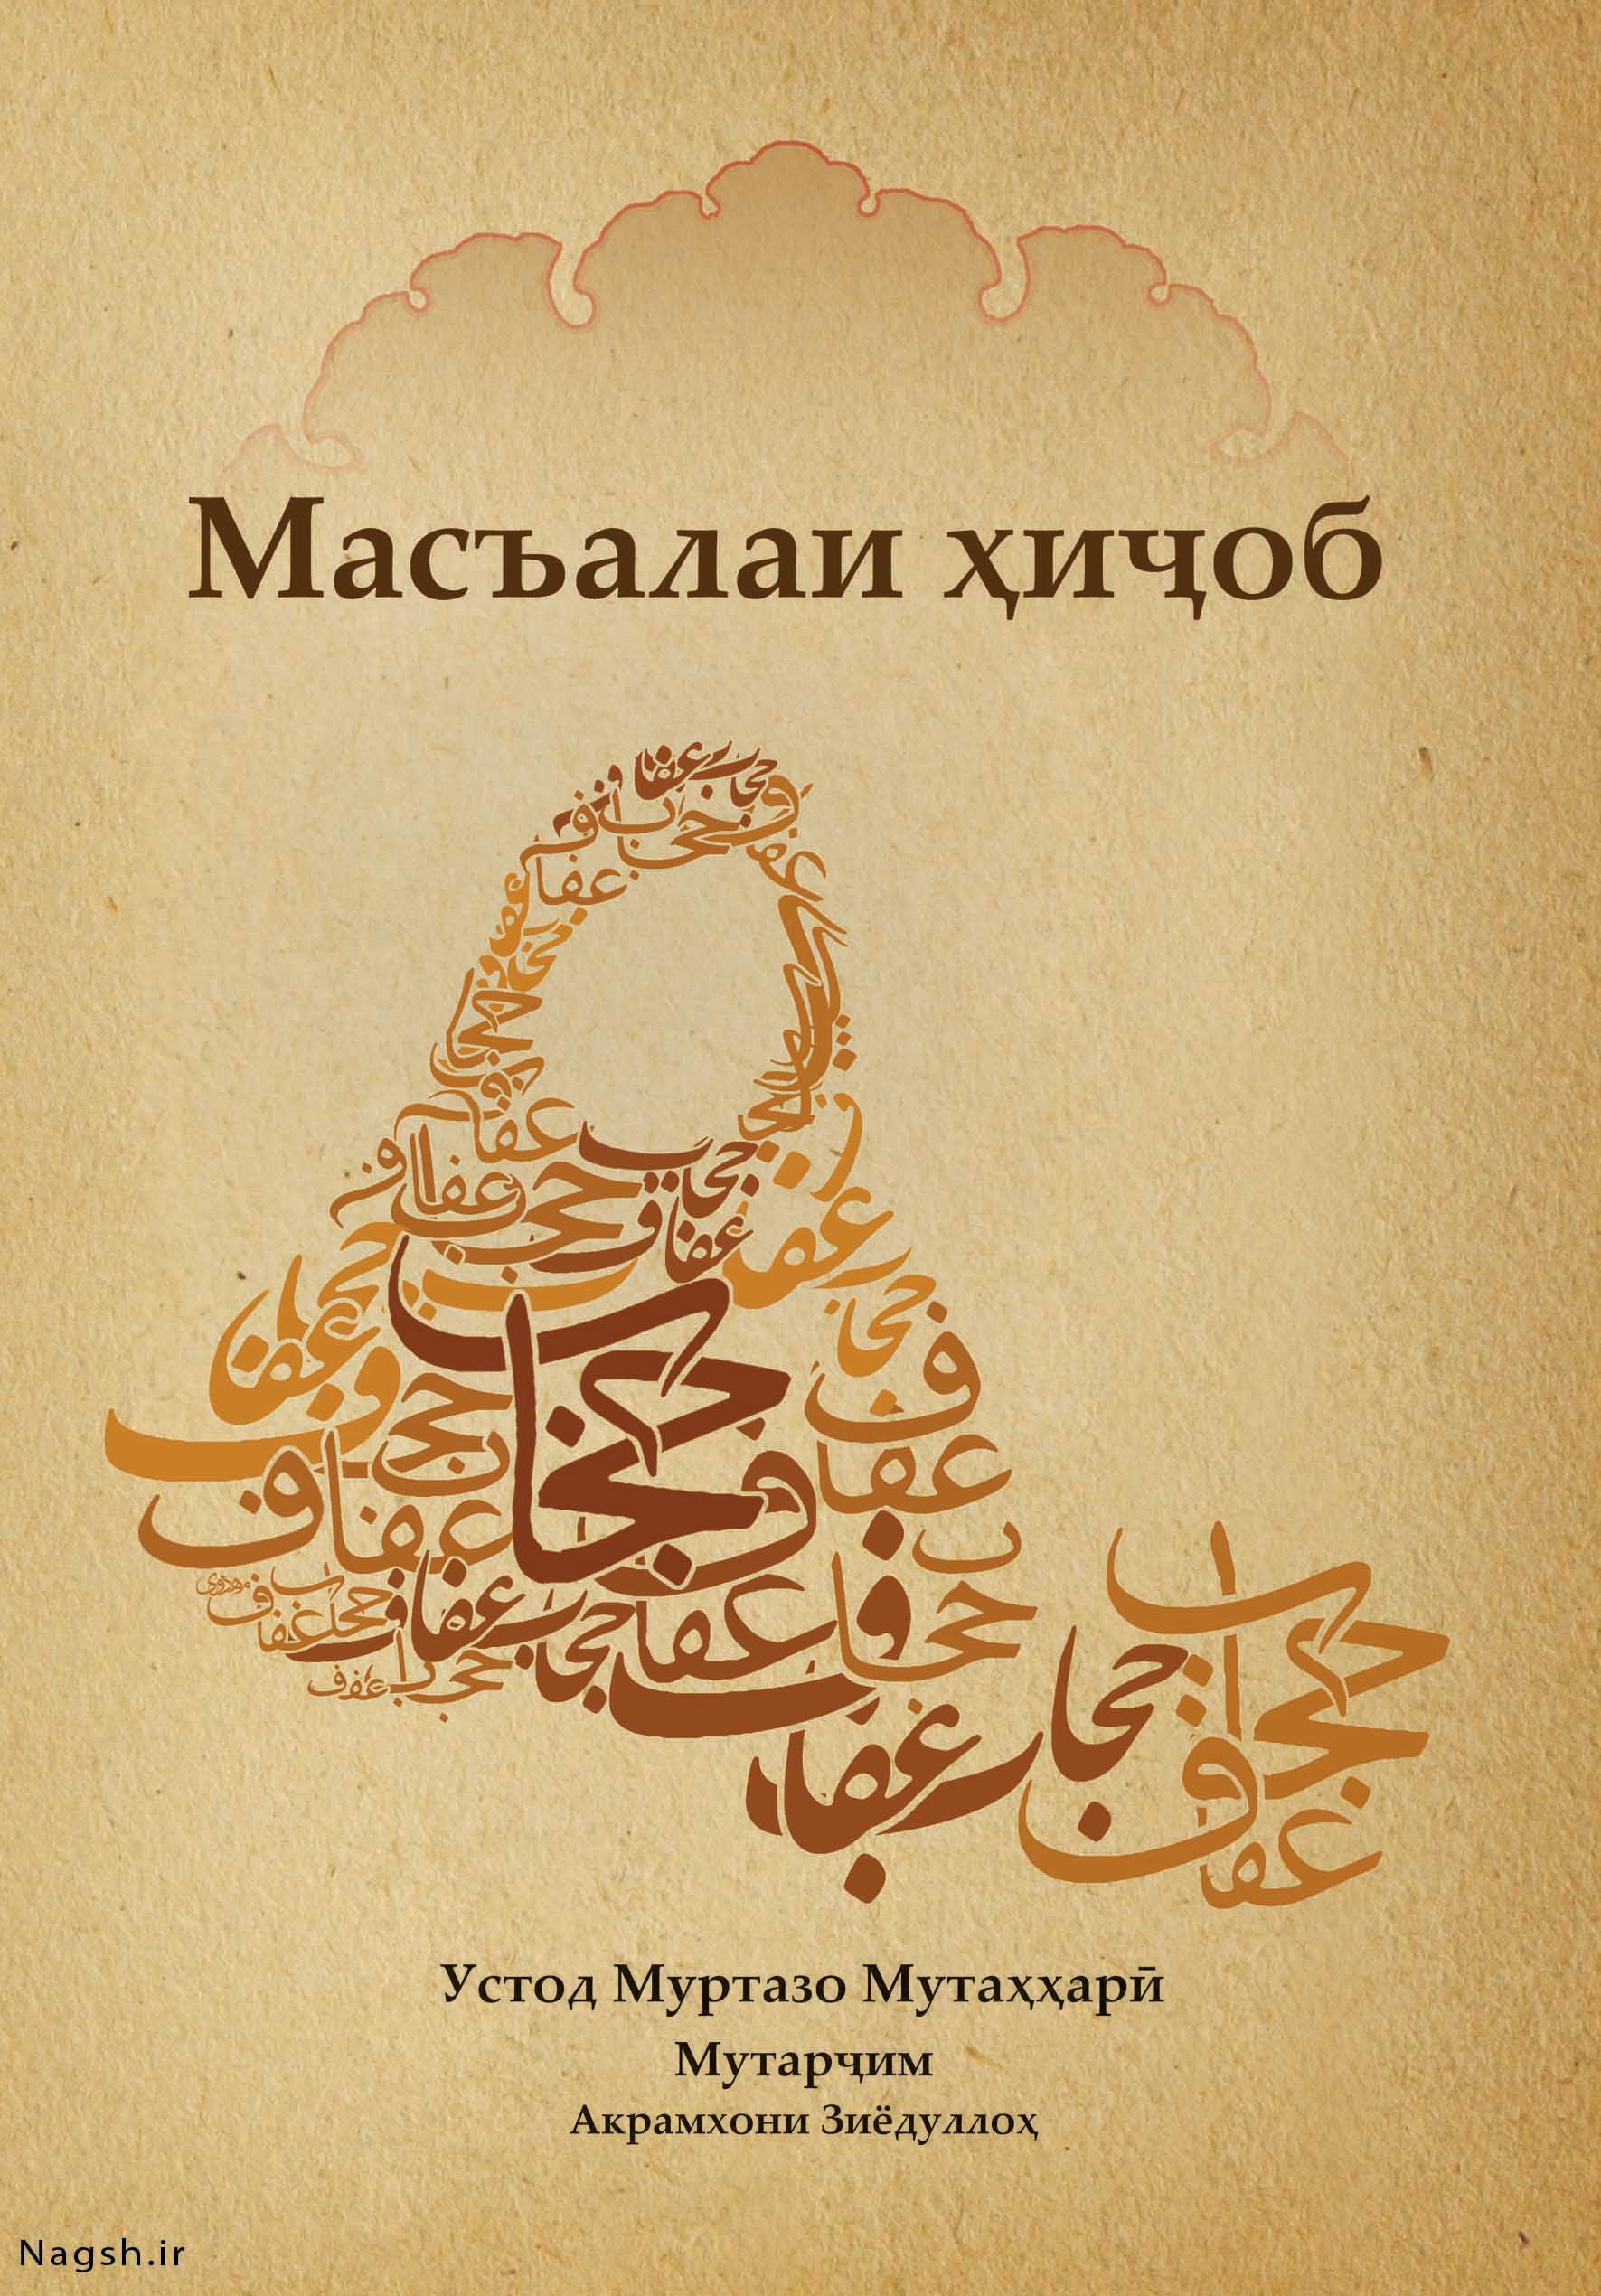 پوستر حجاب و عفاف